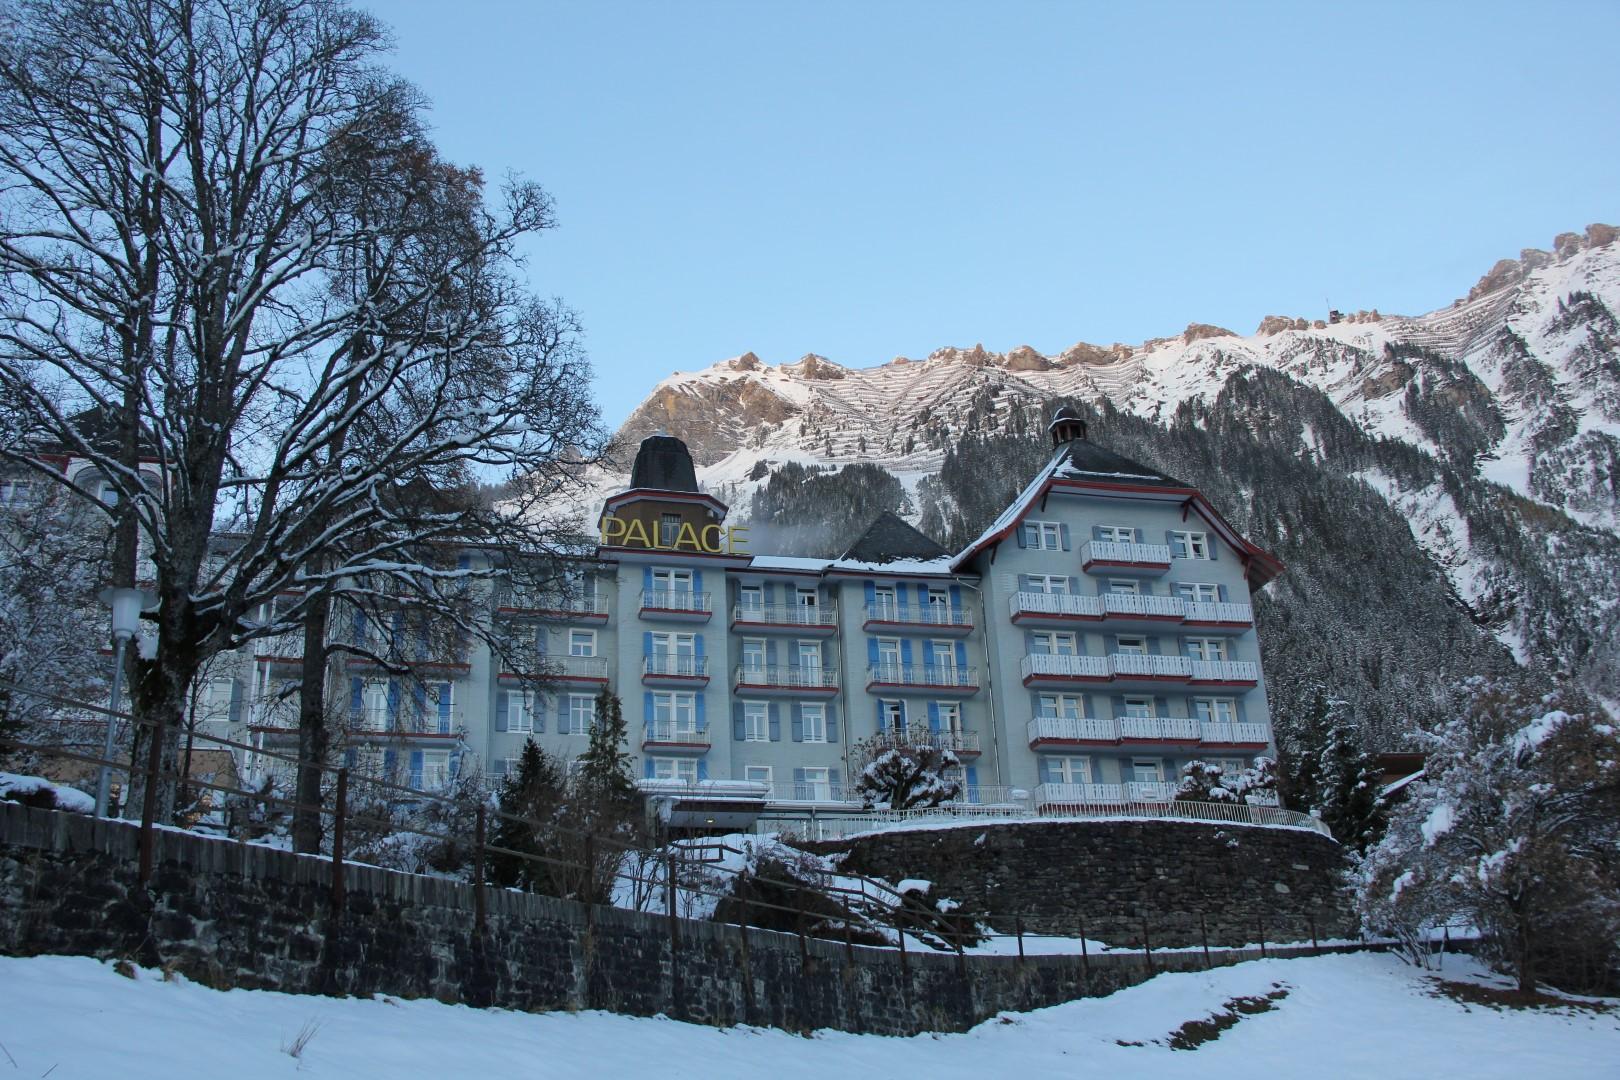 Wengen hotel Palace